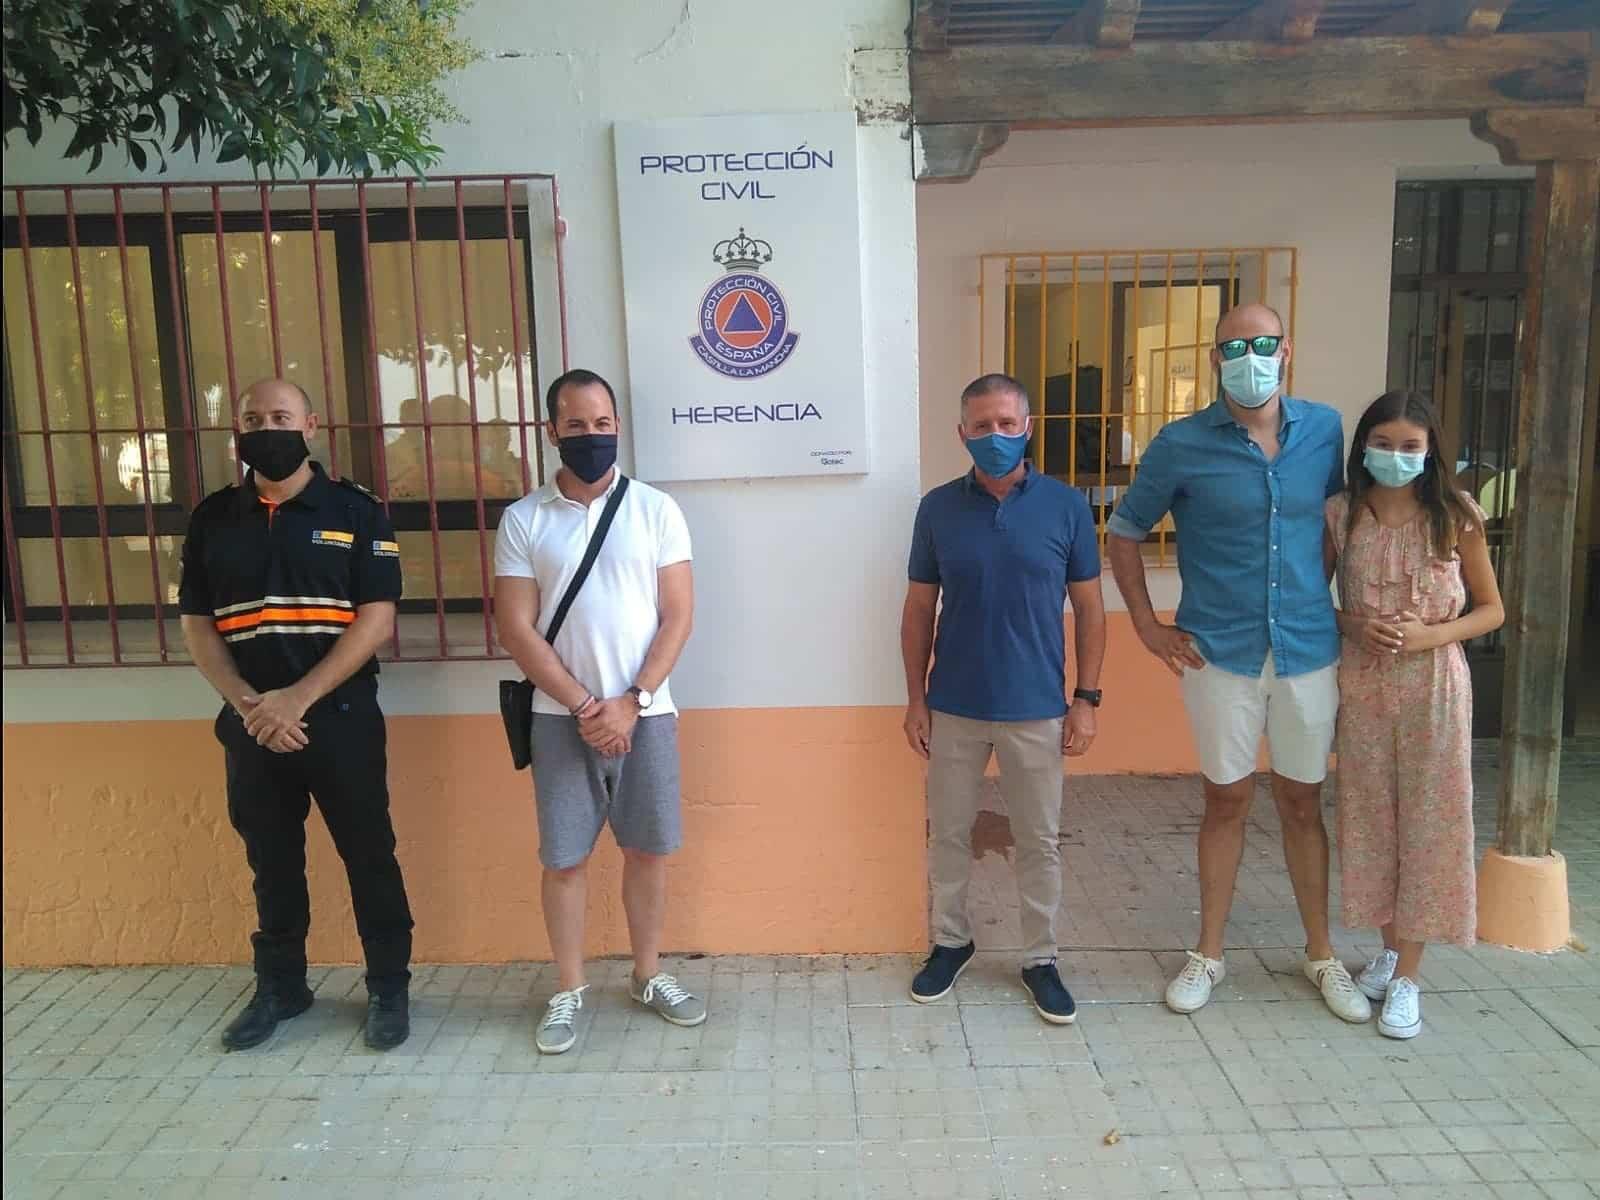 inauguracion nueva sede proteccion civil herencia 3 - La Agrupación de Voluntarios de Protección Civil inauguró su nueva sede local